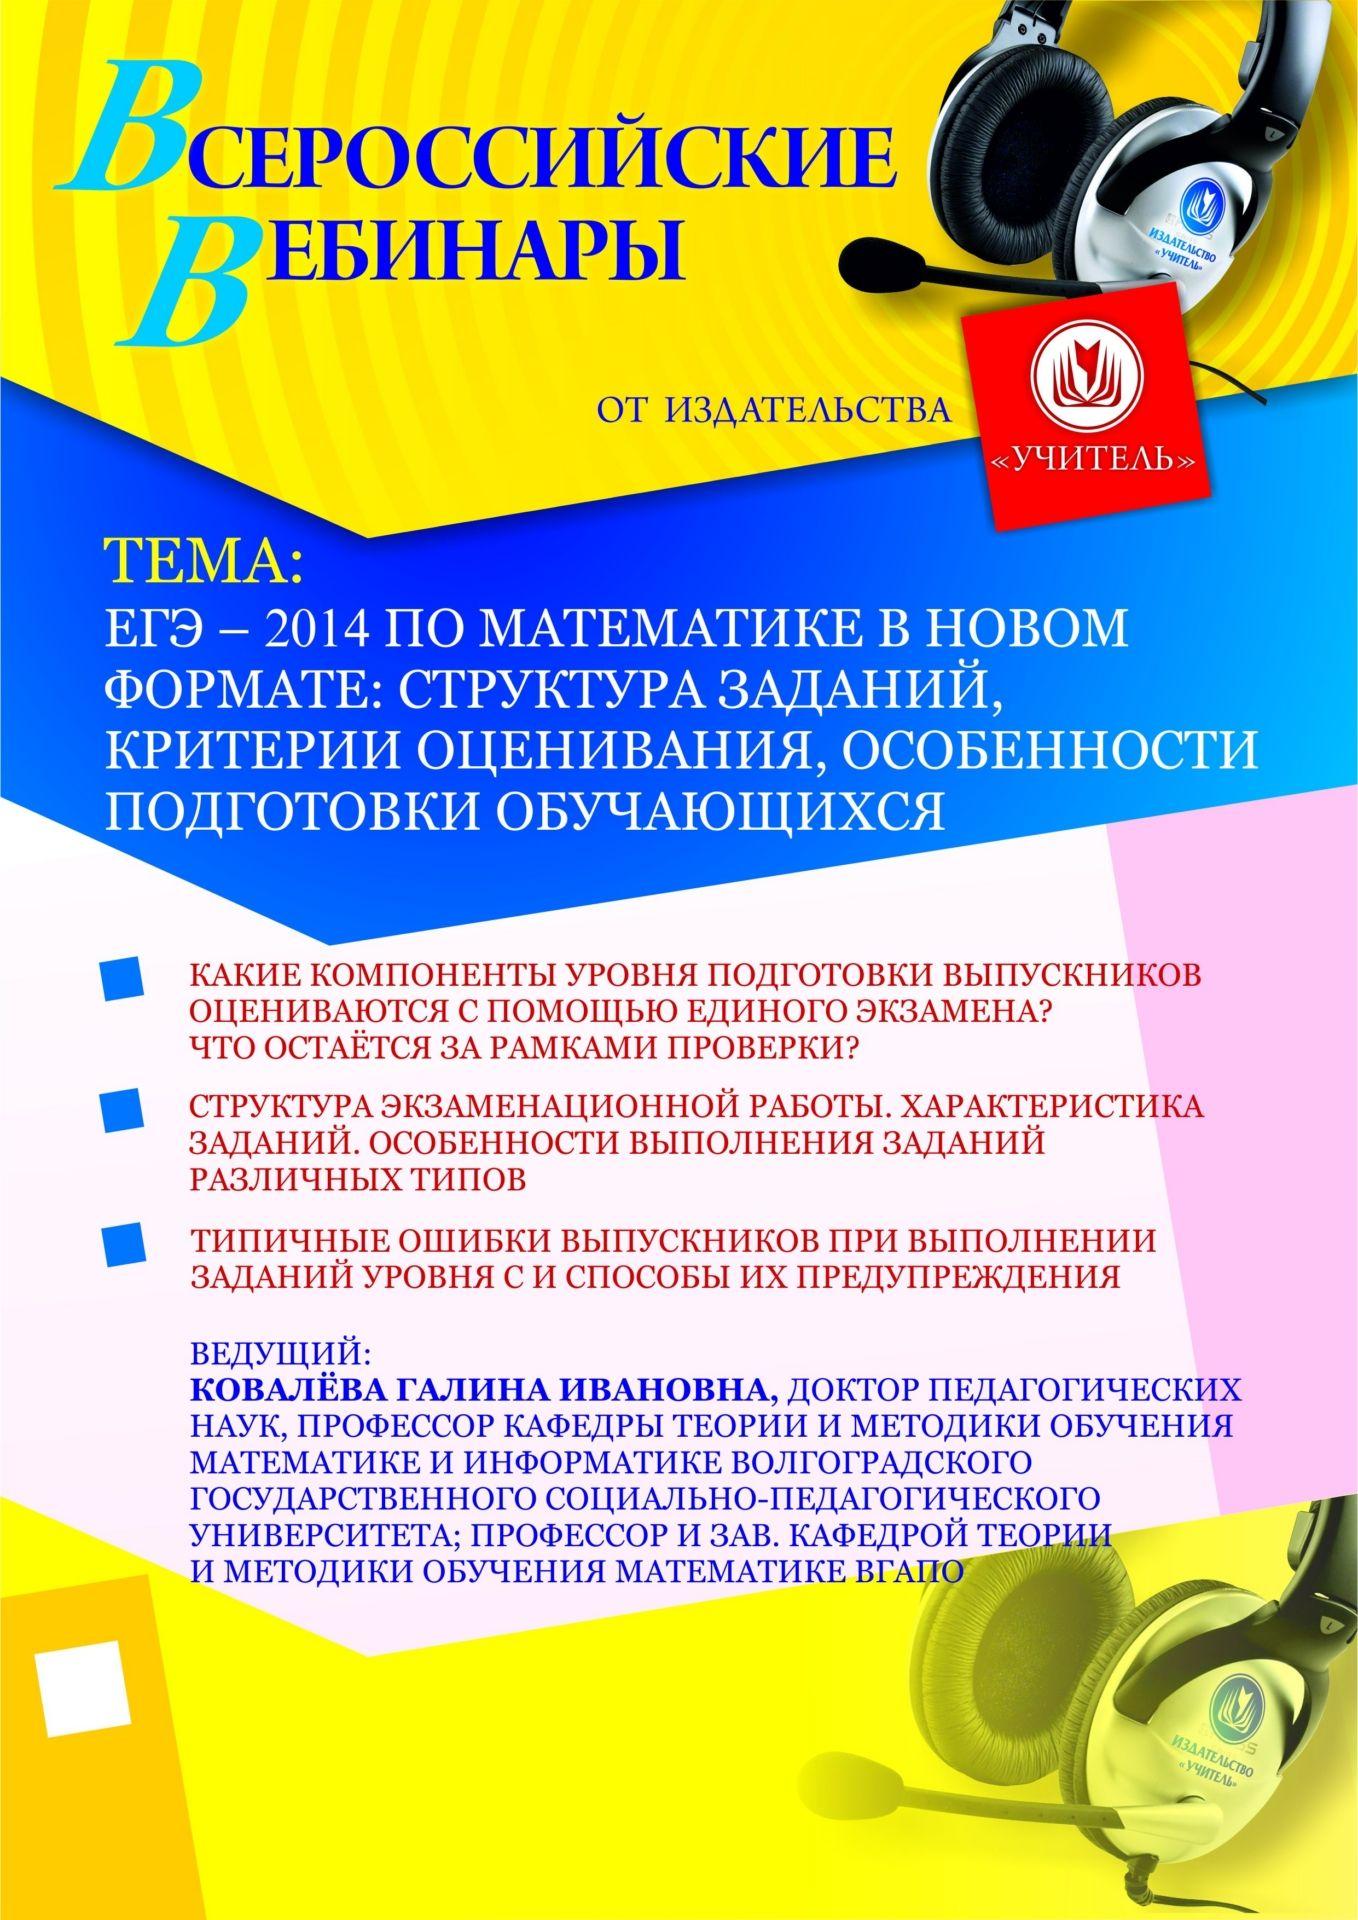 ЕГЭ – 2014 по математике в новом формате: структура заданий, критерии оценивания, особенности подготовки обучающихся фото